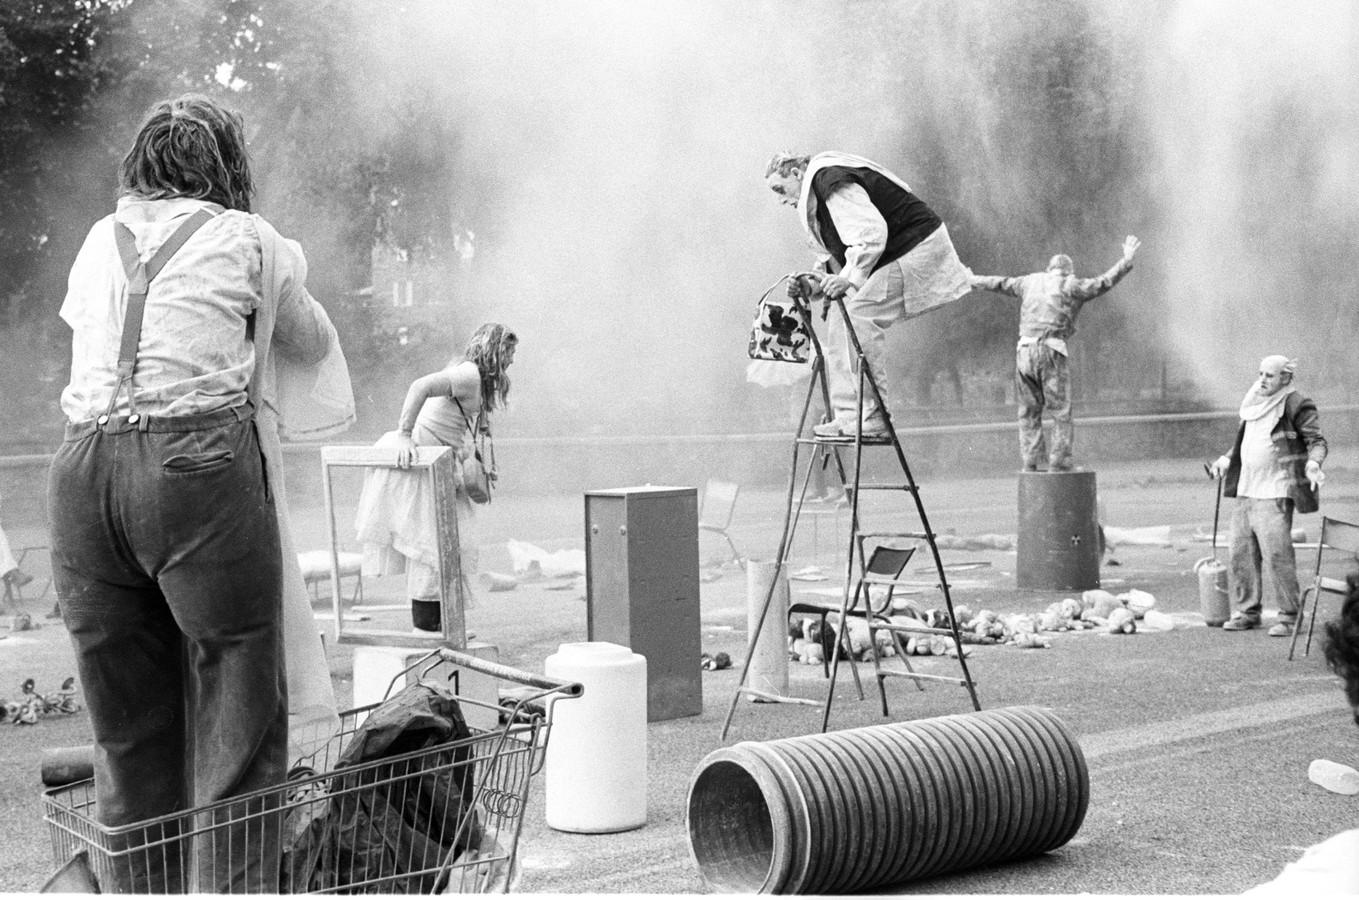 Op de Beestenmarkt is Kumulus (Frankrijk) te zien met 'Silence Encombrant'. Op het plein staat een grote afvalcontainer. Als de container opent, ontvouwt zich een krachtige, ontroerende, 1,5 uur durende voorstelling over mensen en het weggooien van afval.